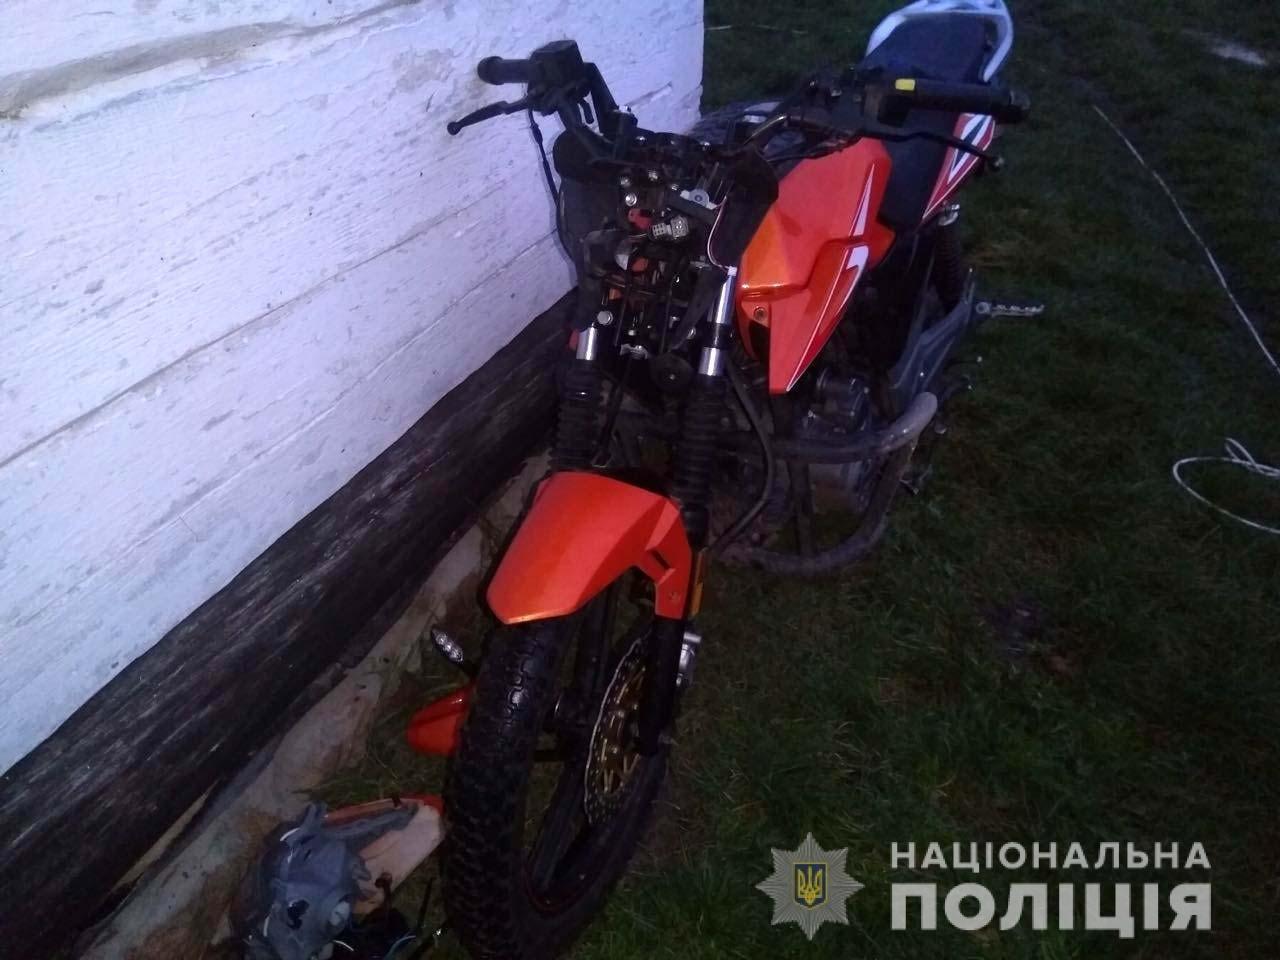 На Рівненщині 17-річний юнак впав з мотоцикла та помер (ФОТО), фото-2